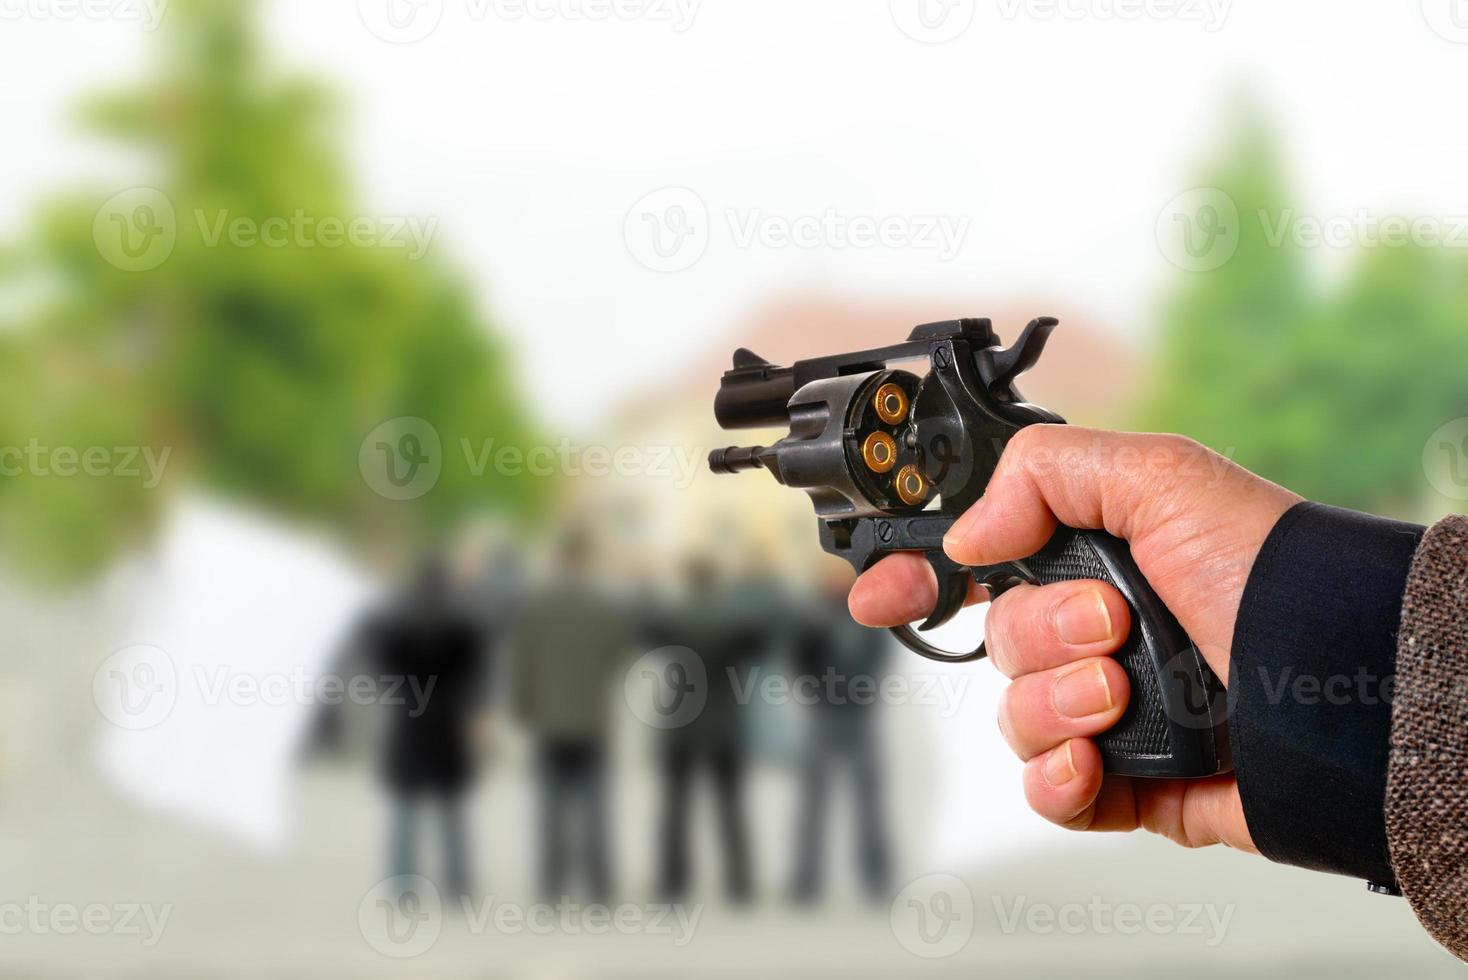 moordenaar foto